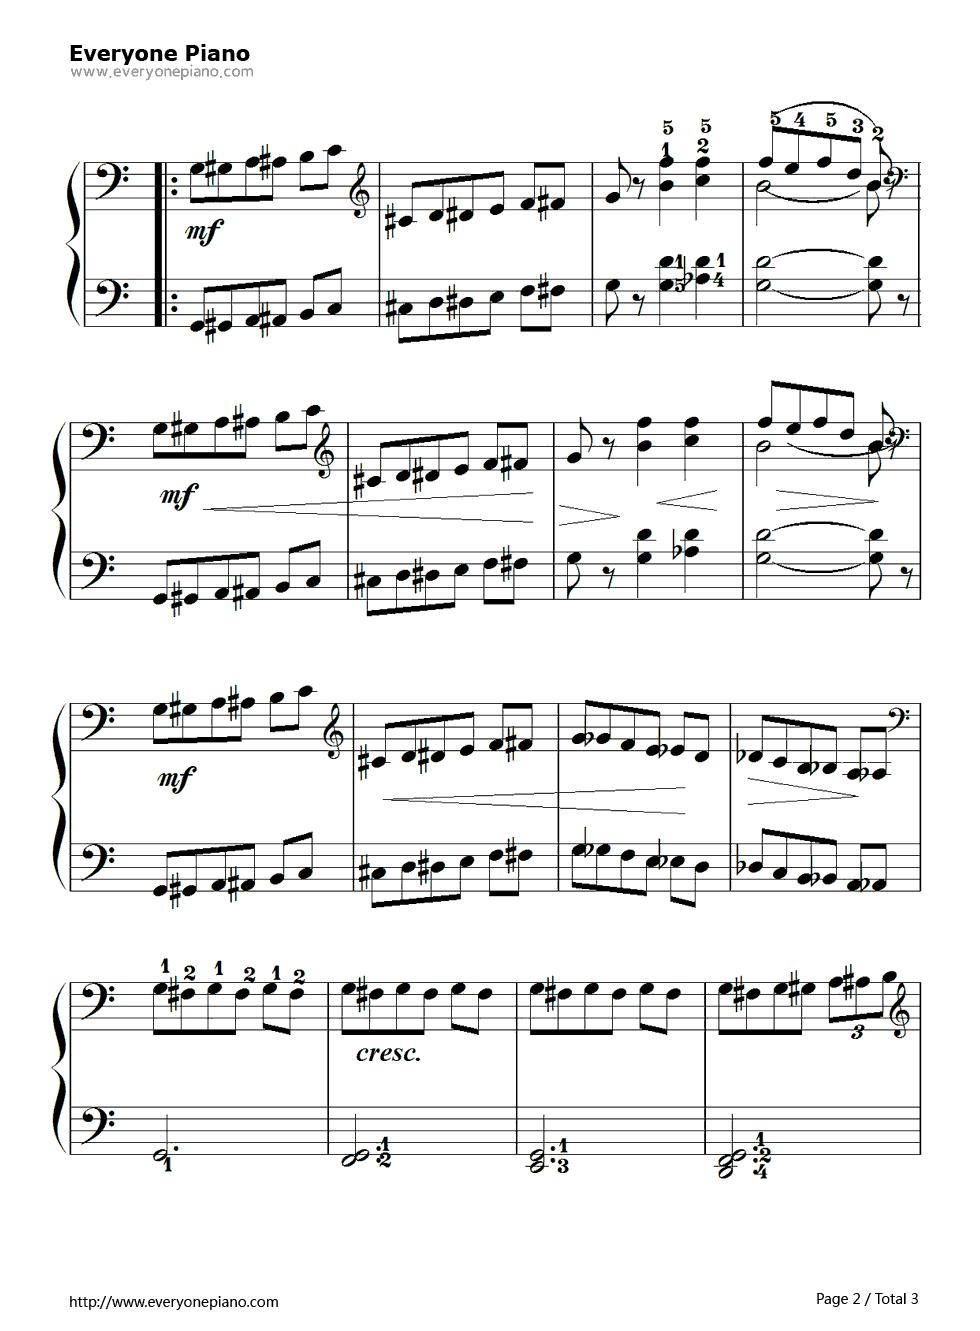 钢琴曲谱 练习曲 孩子们的拜厄106 孩子们的拜厄106五线谱预览2  }